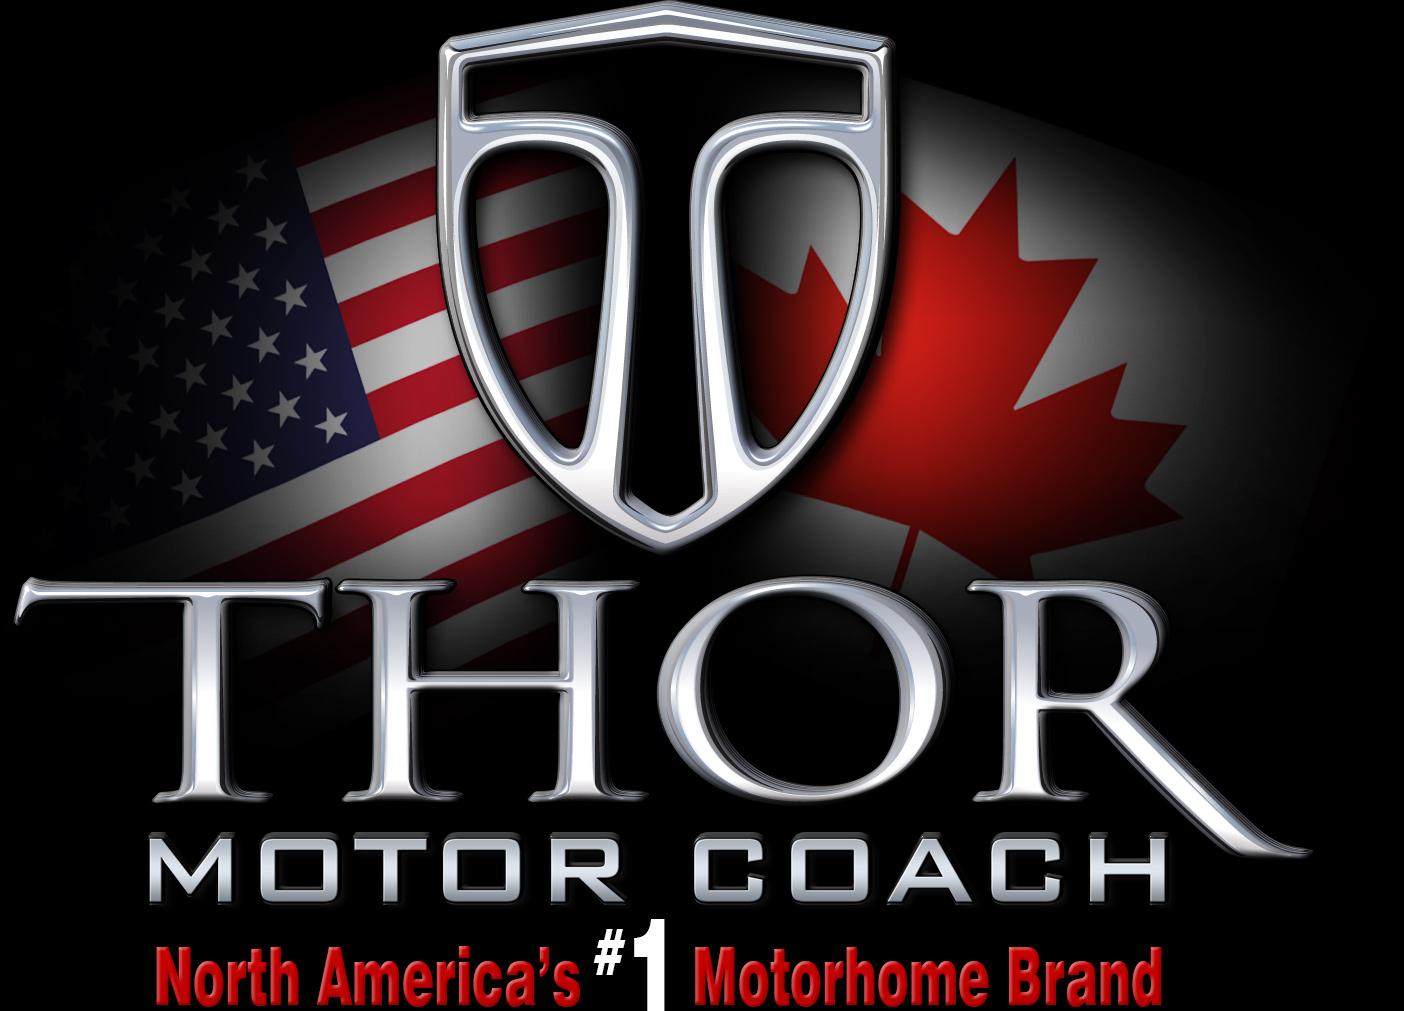 Best Selling Motorhome Brand